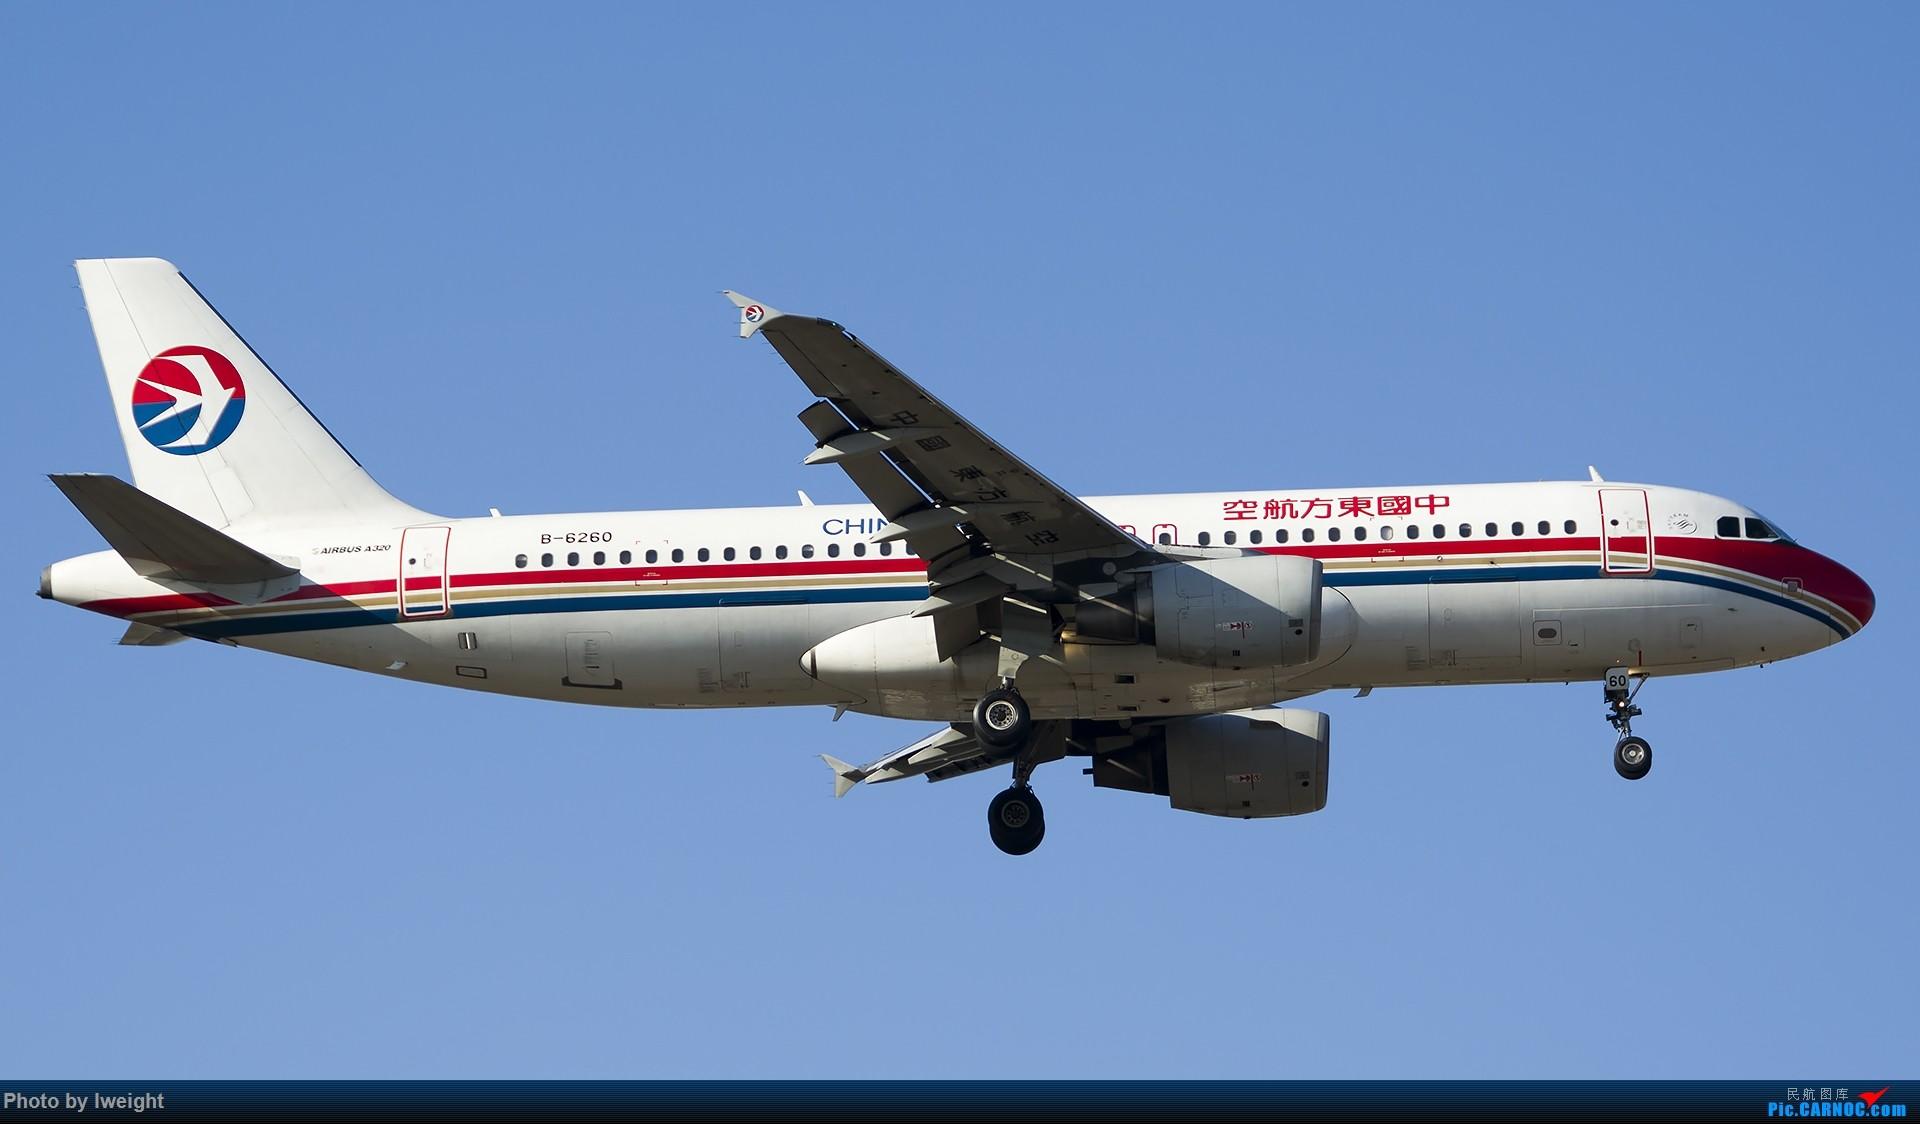 Re:[原创]2014-12-06 PEK天气由好变坏的直接体验 AIRBUS A320-200 B-6260 中国北京首都国际机场